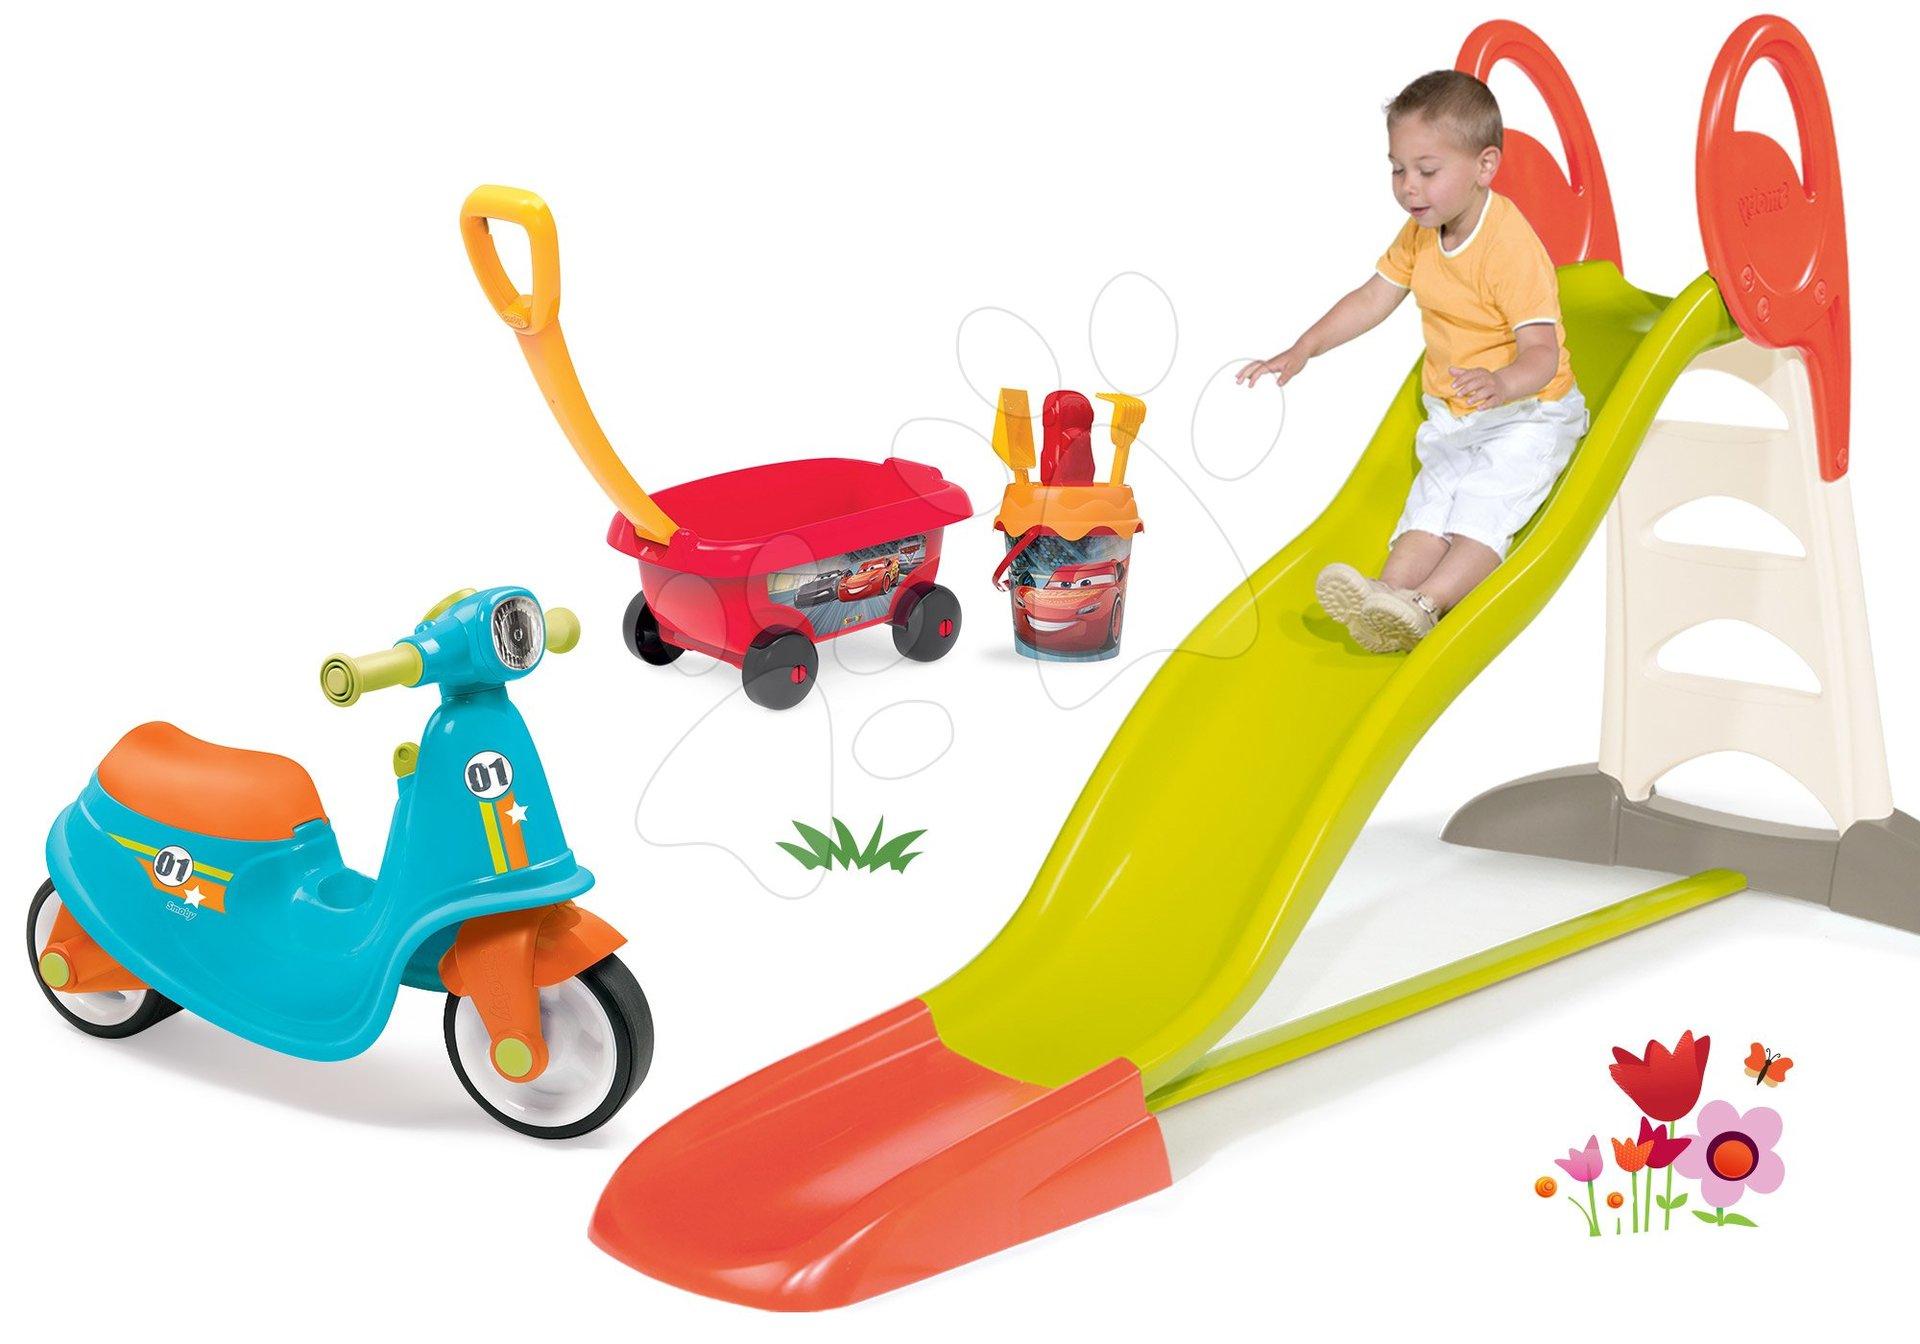 Set šmykľavka Toboggan XL s vodou Smoby a odrážadlo Scooter s gumenými kolesami a vozíkom